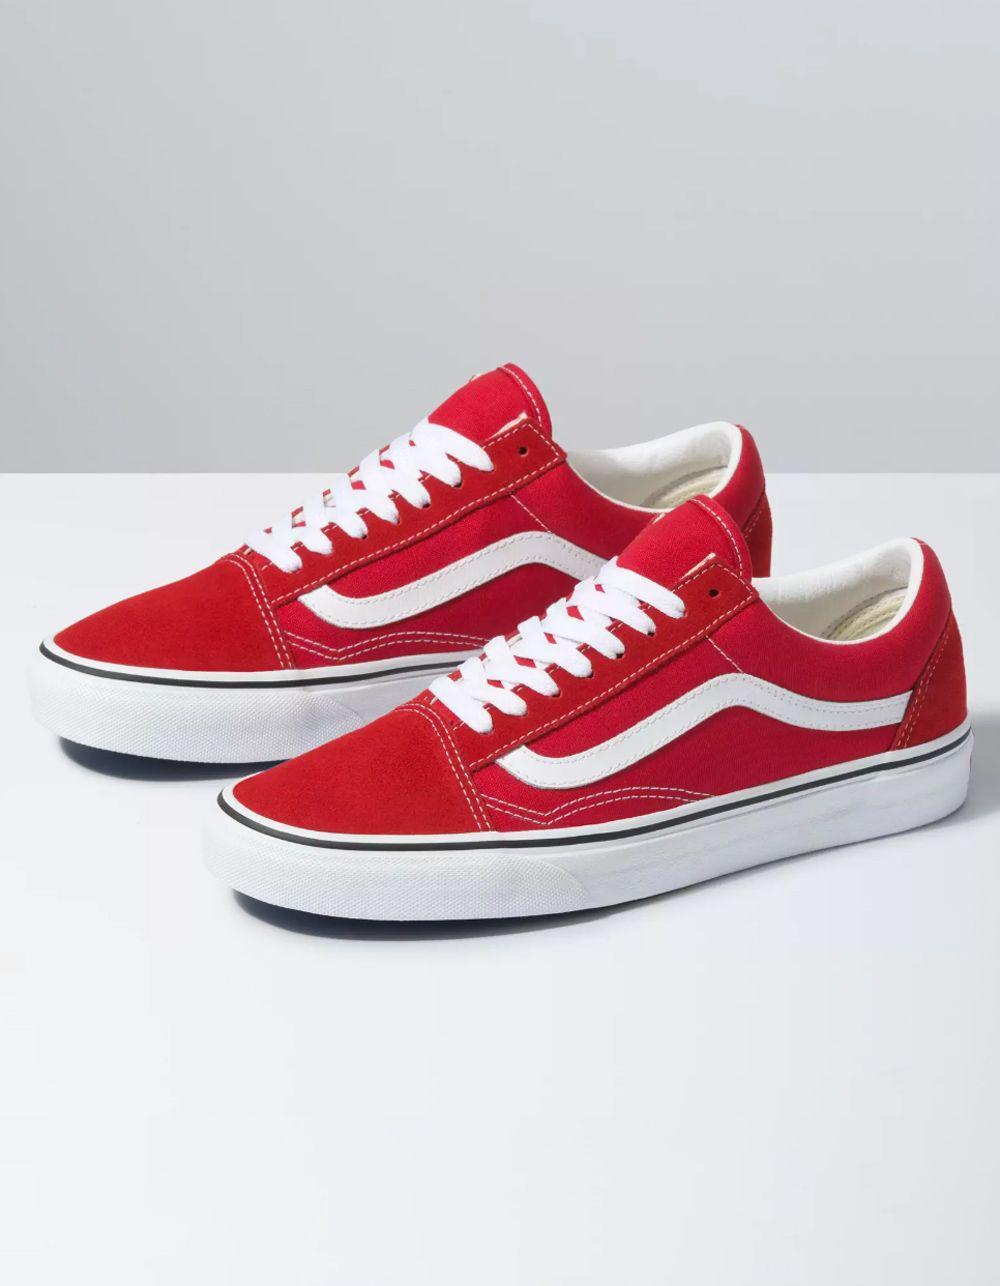 VANS Old Skool Racing Red \u0026 True White